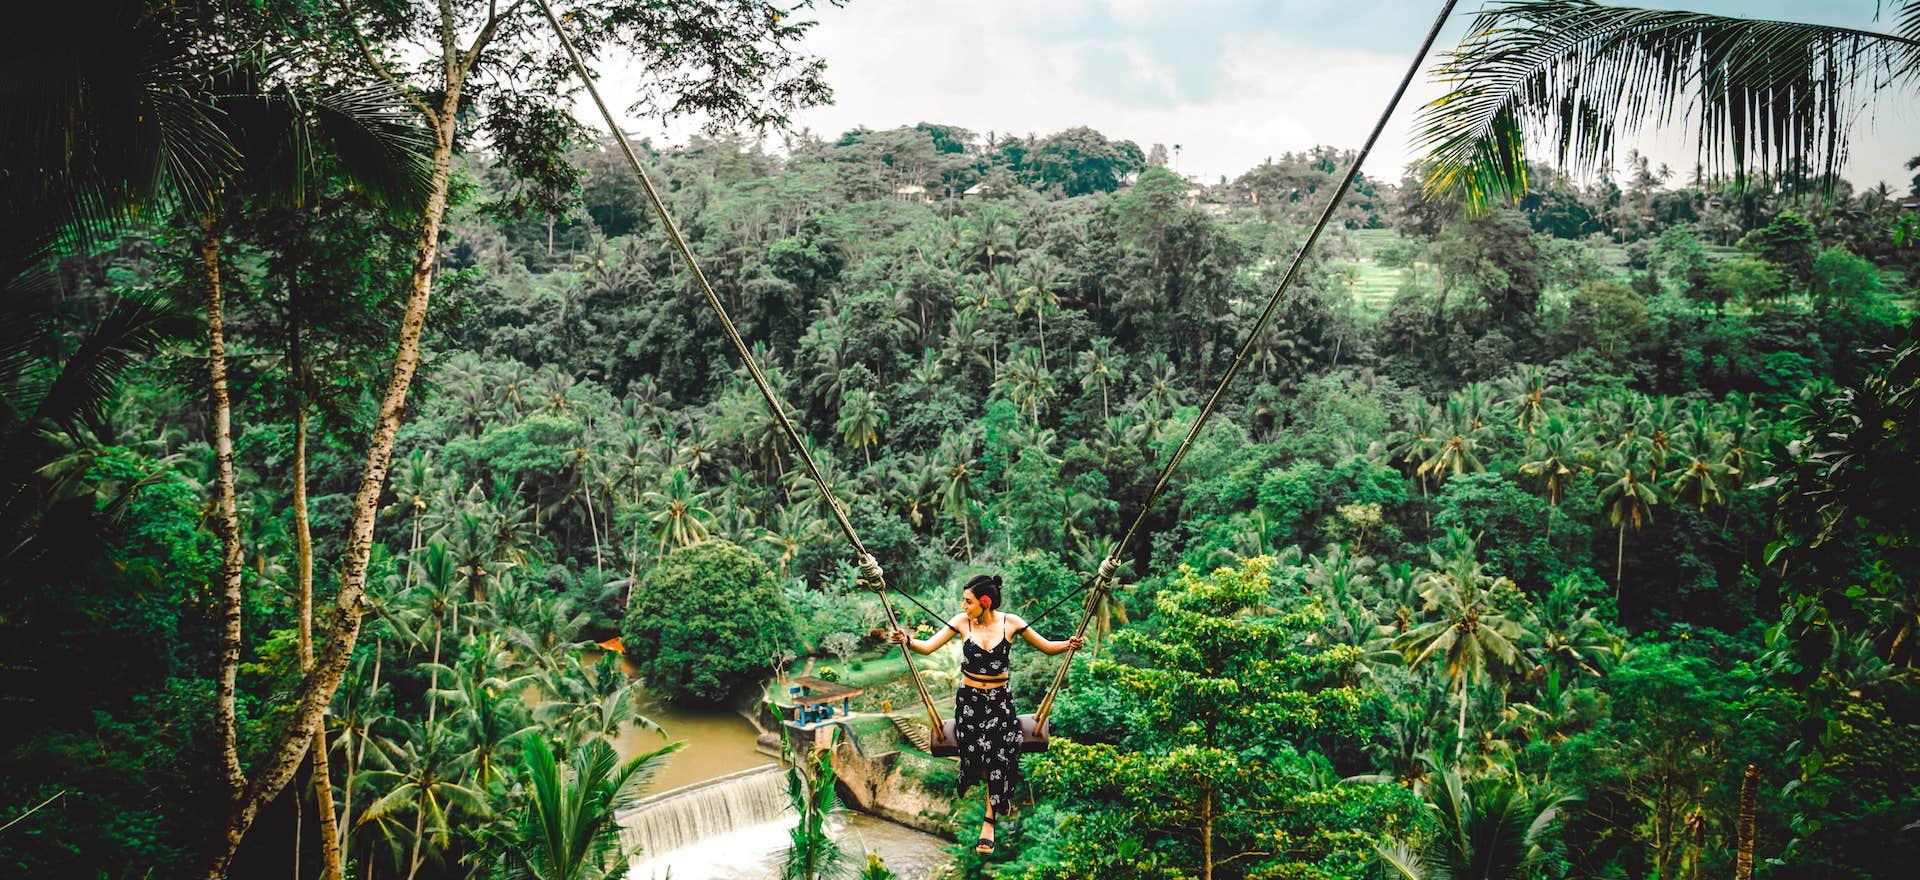 Vakantie naar Bali